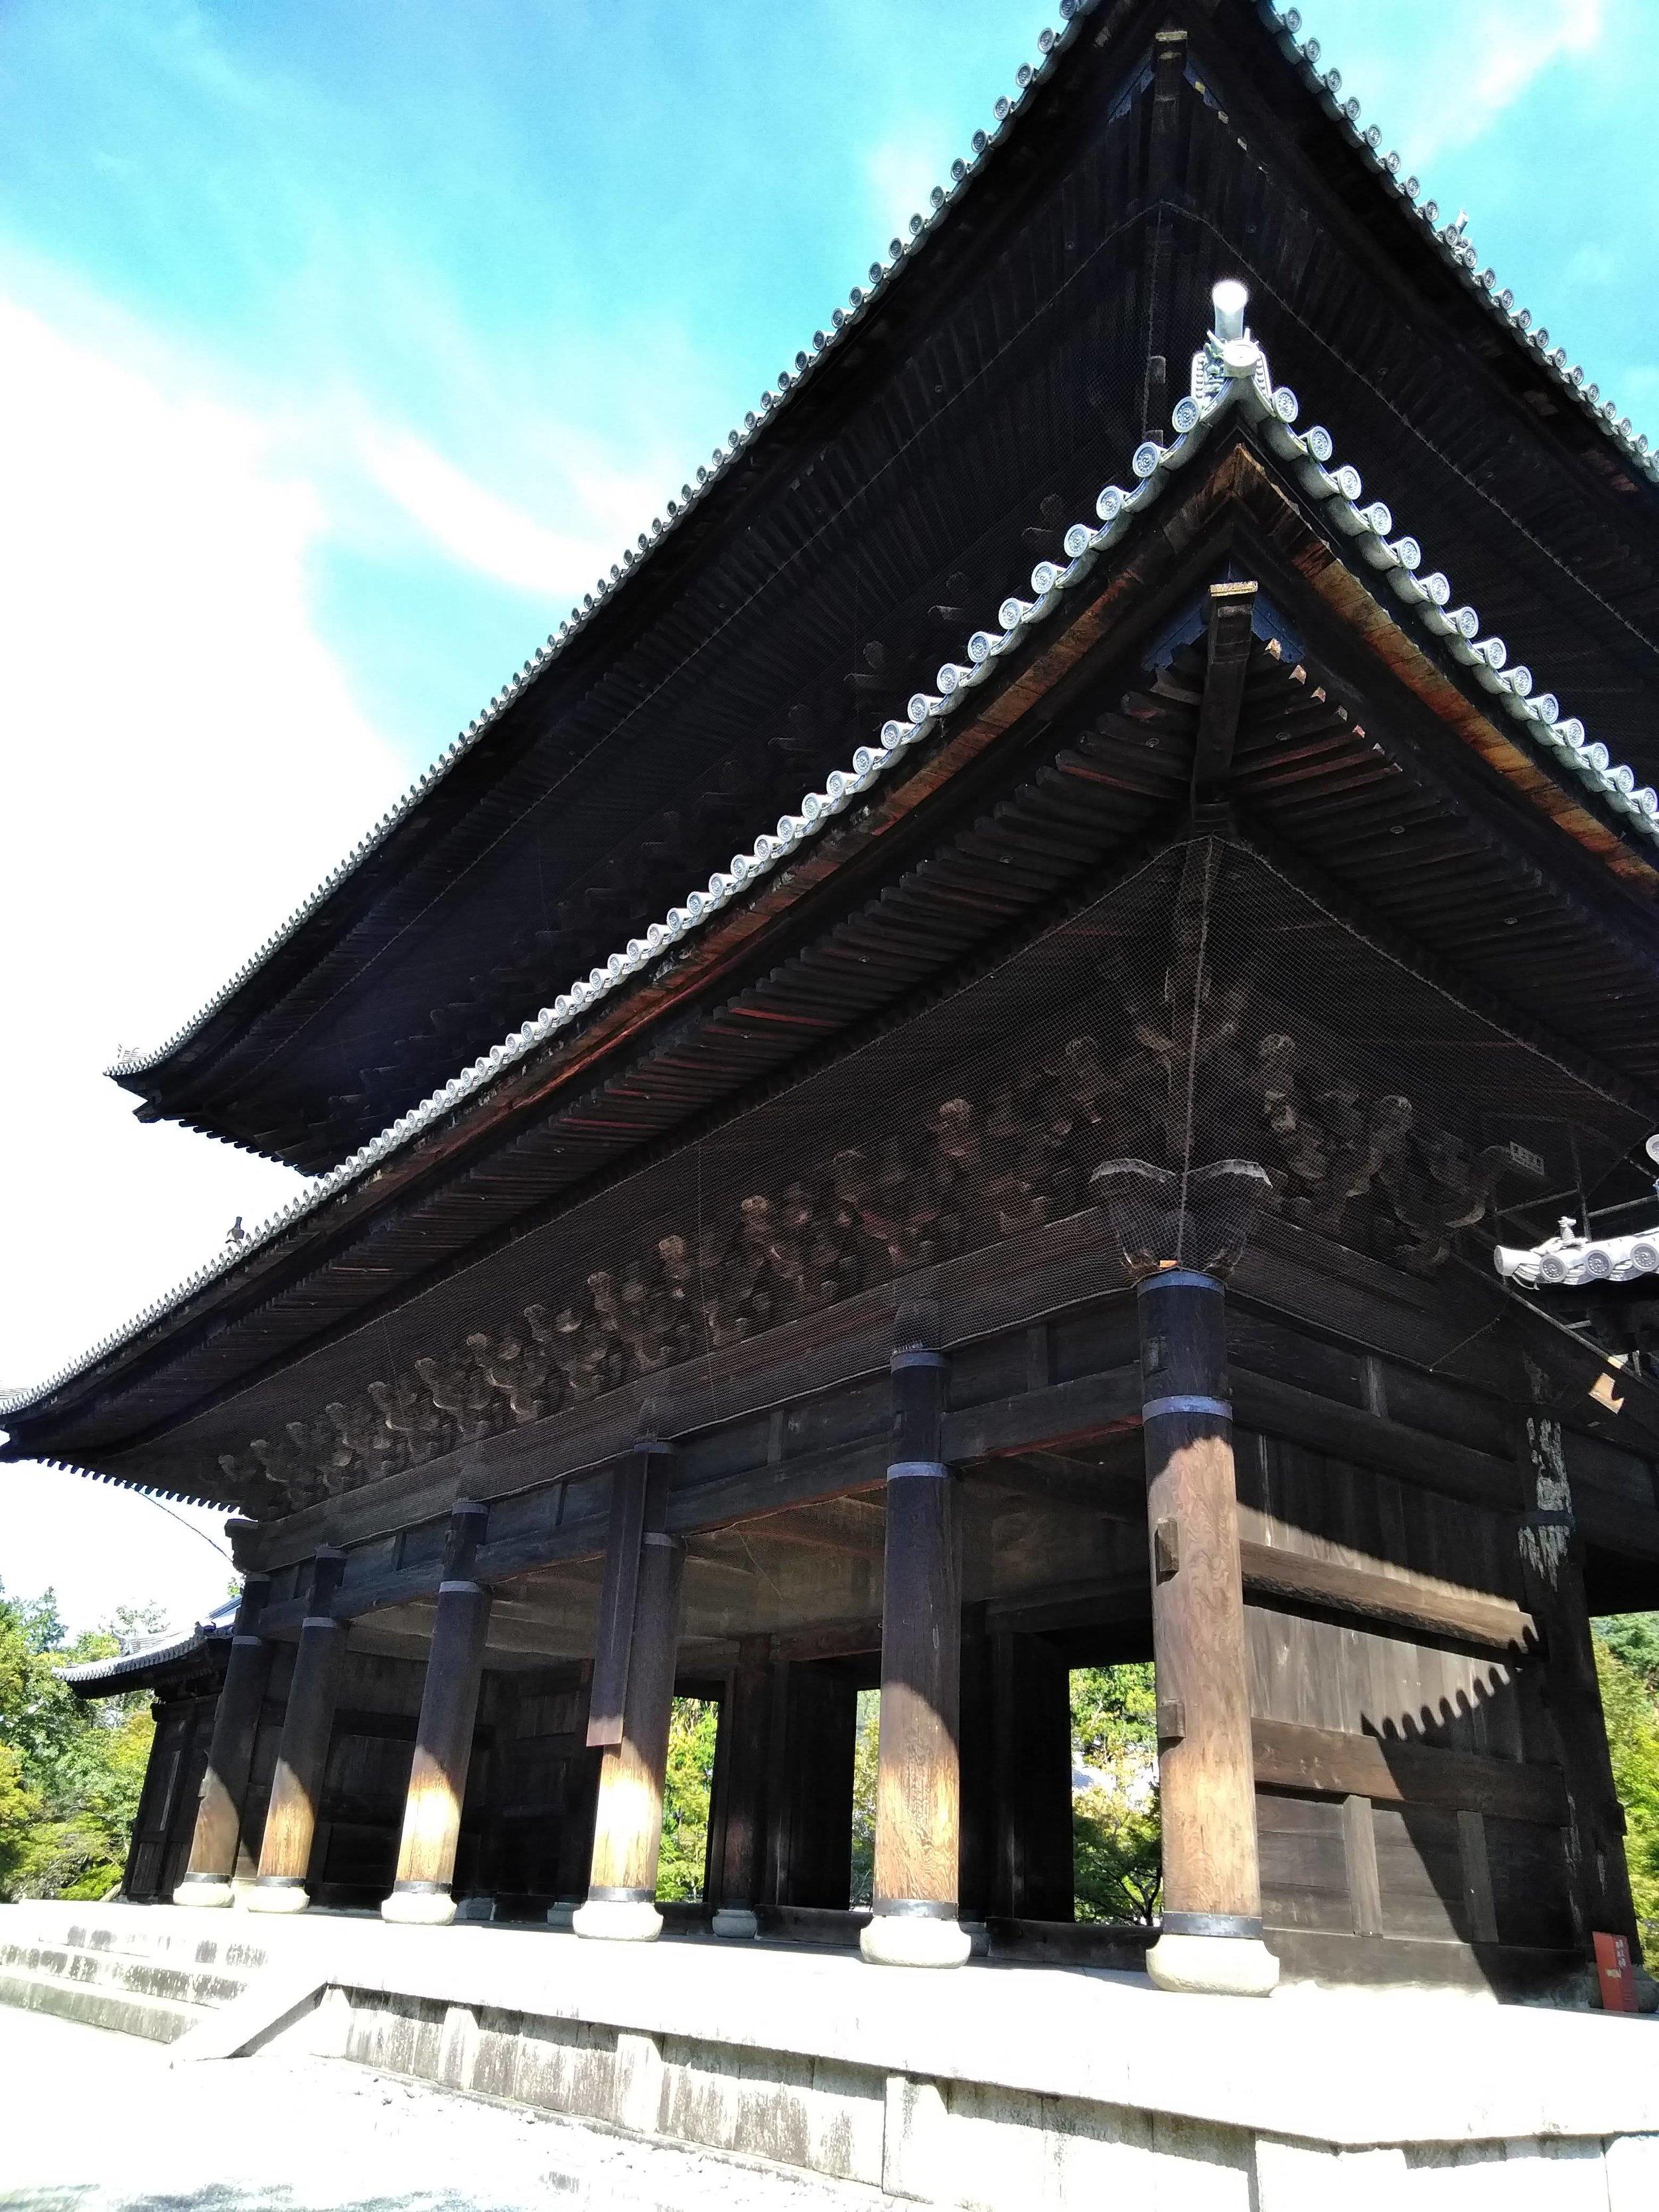 The Gate of Nanzenji